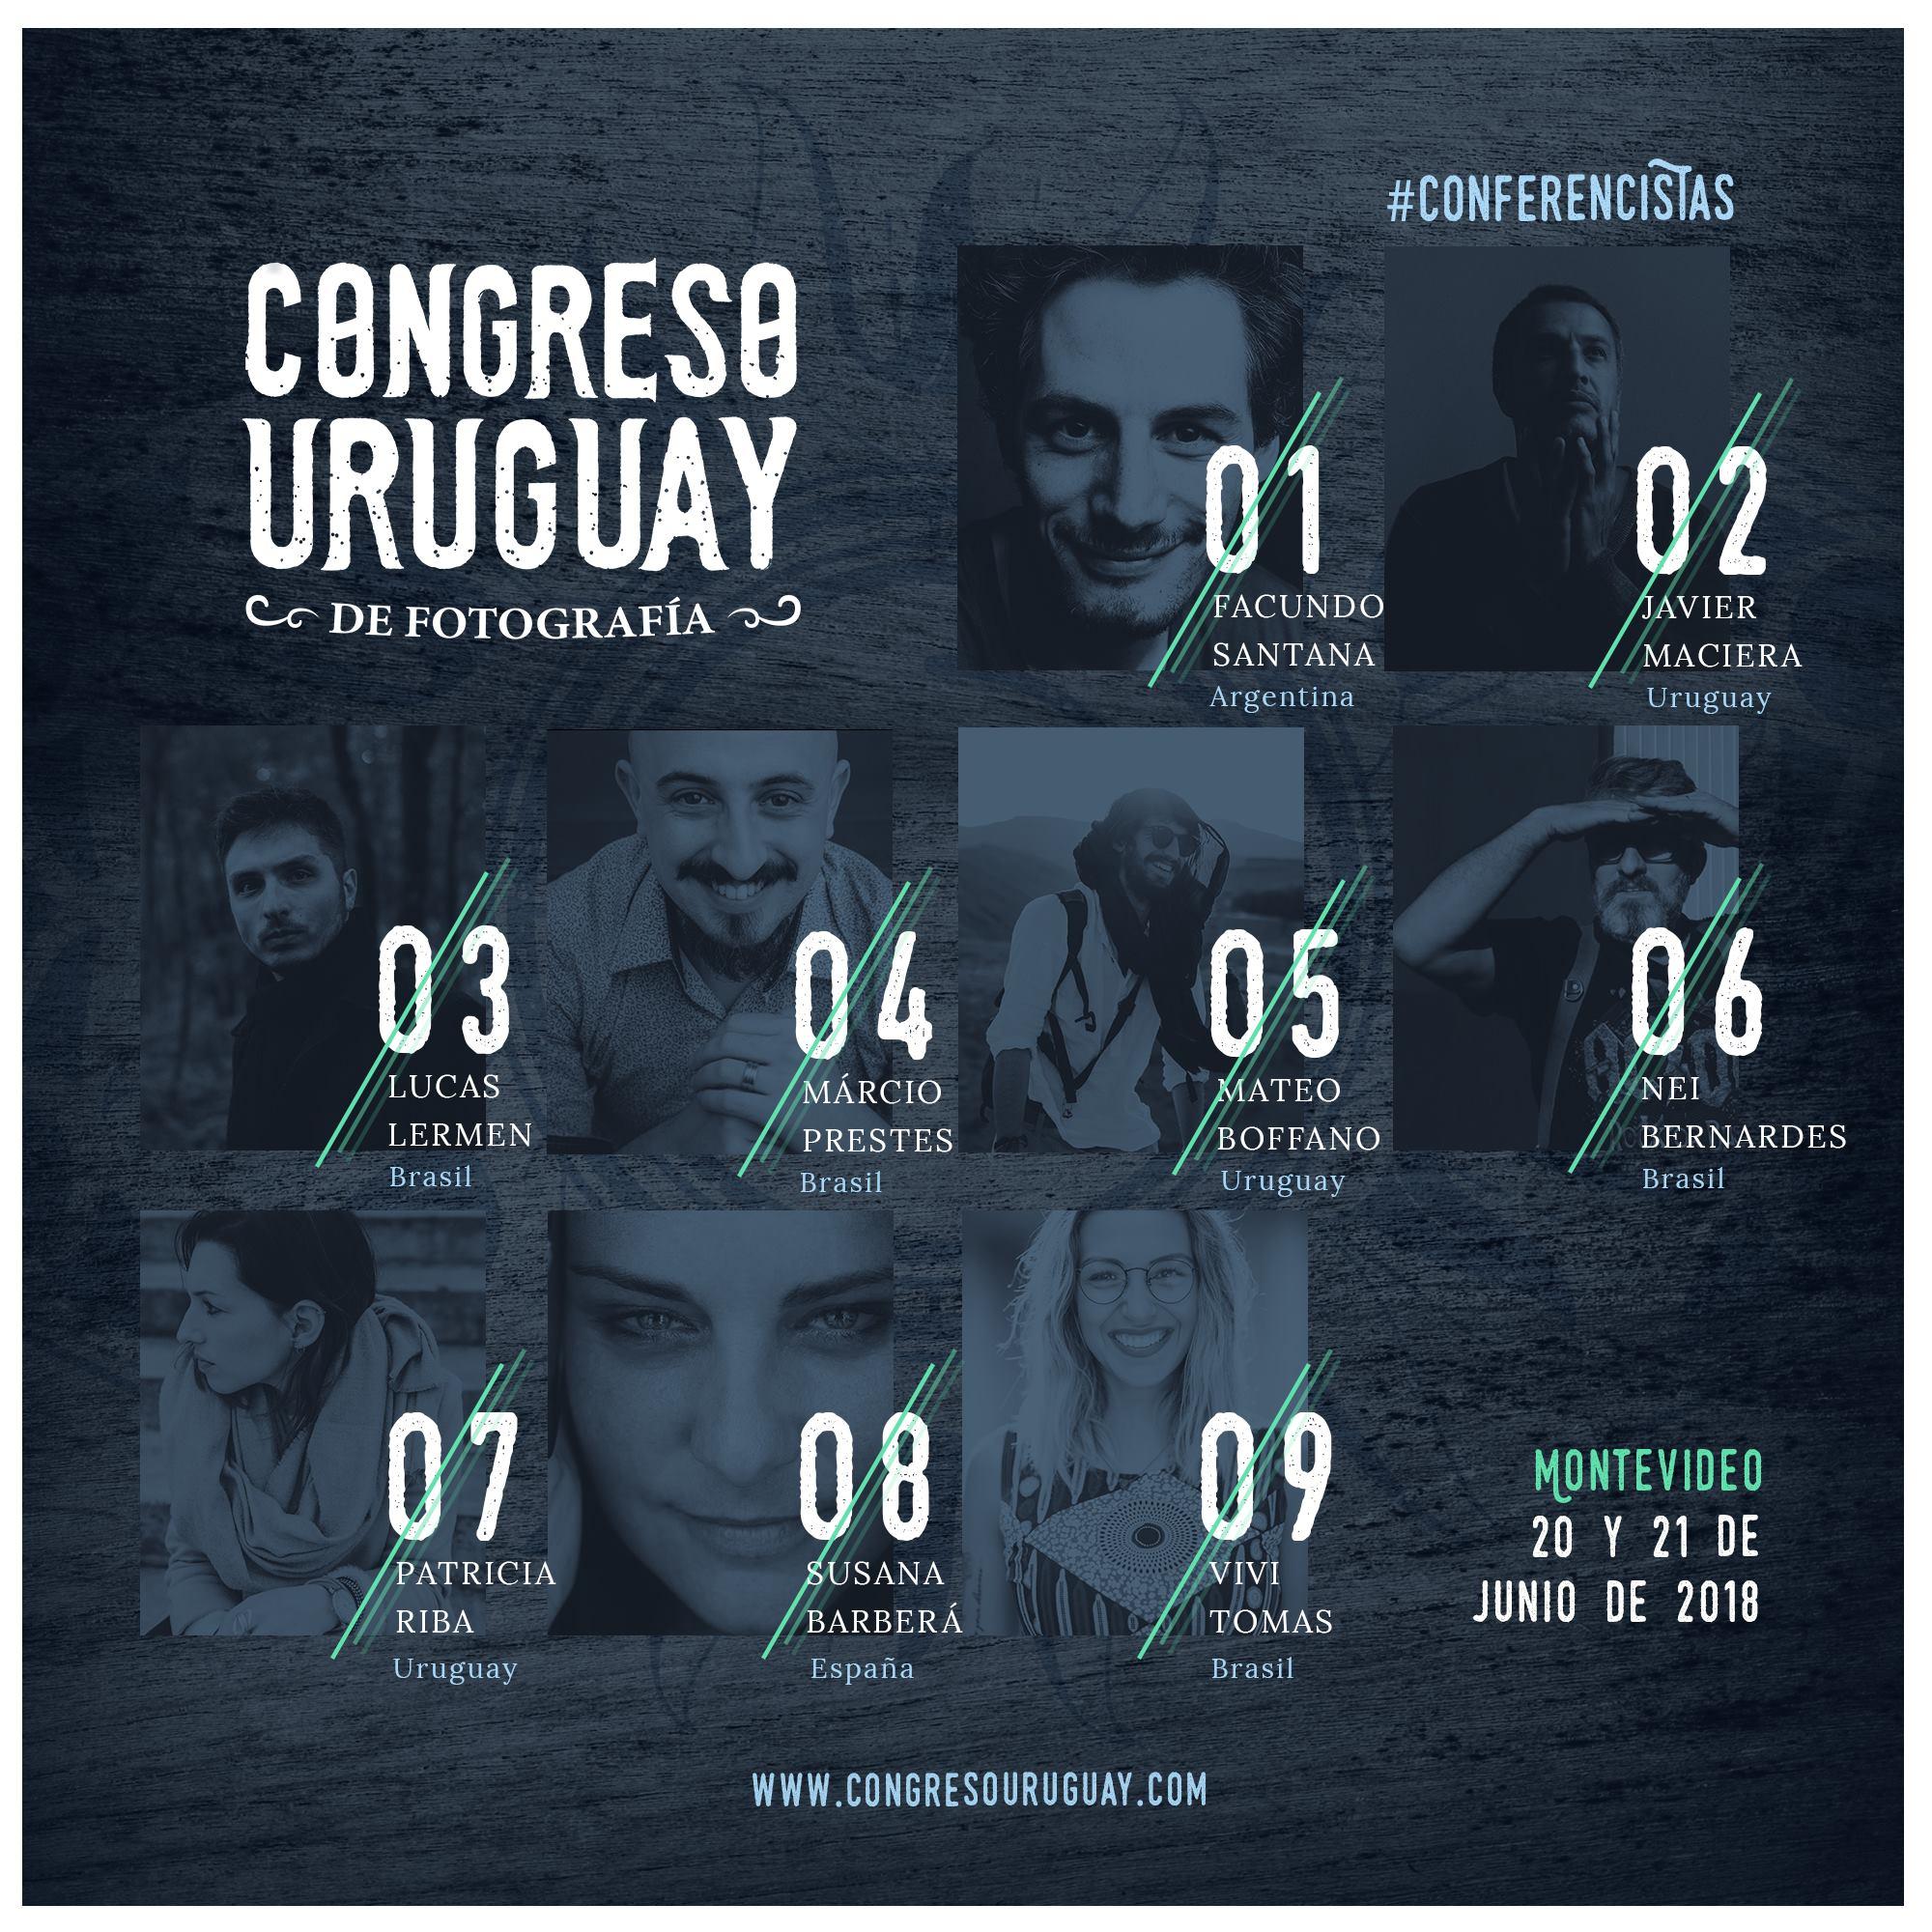 congreso uruguay de fotografia montevideo